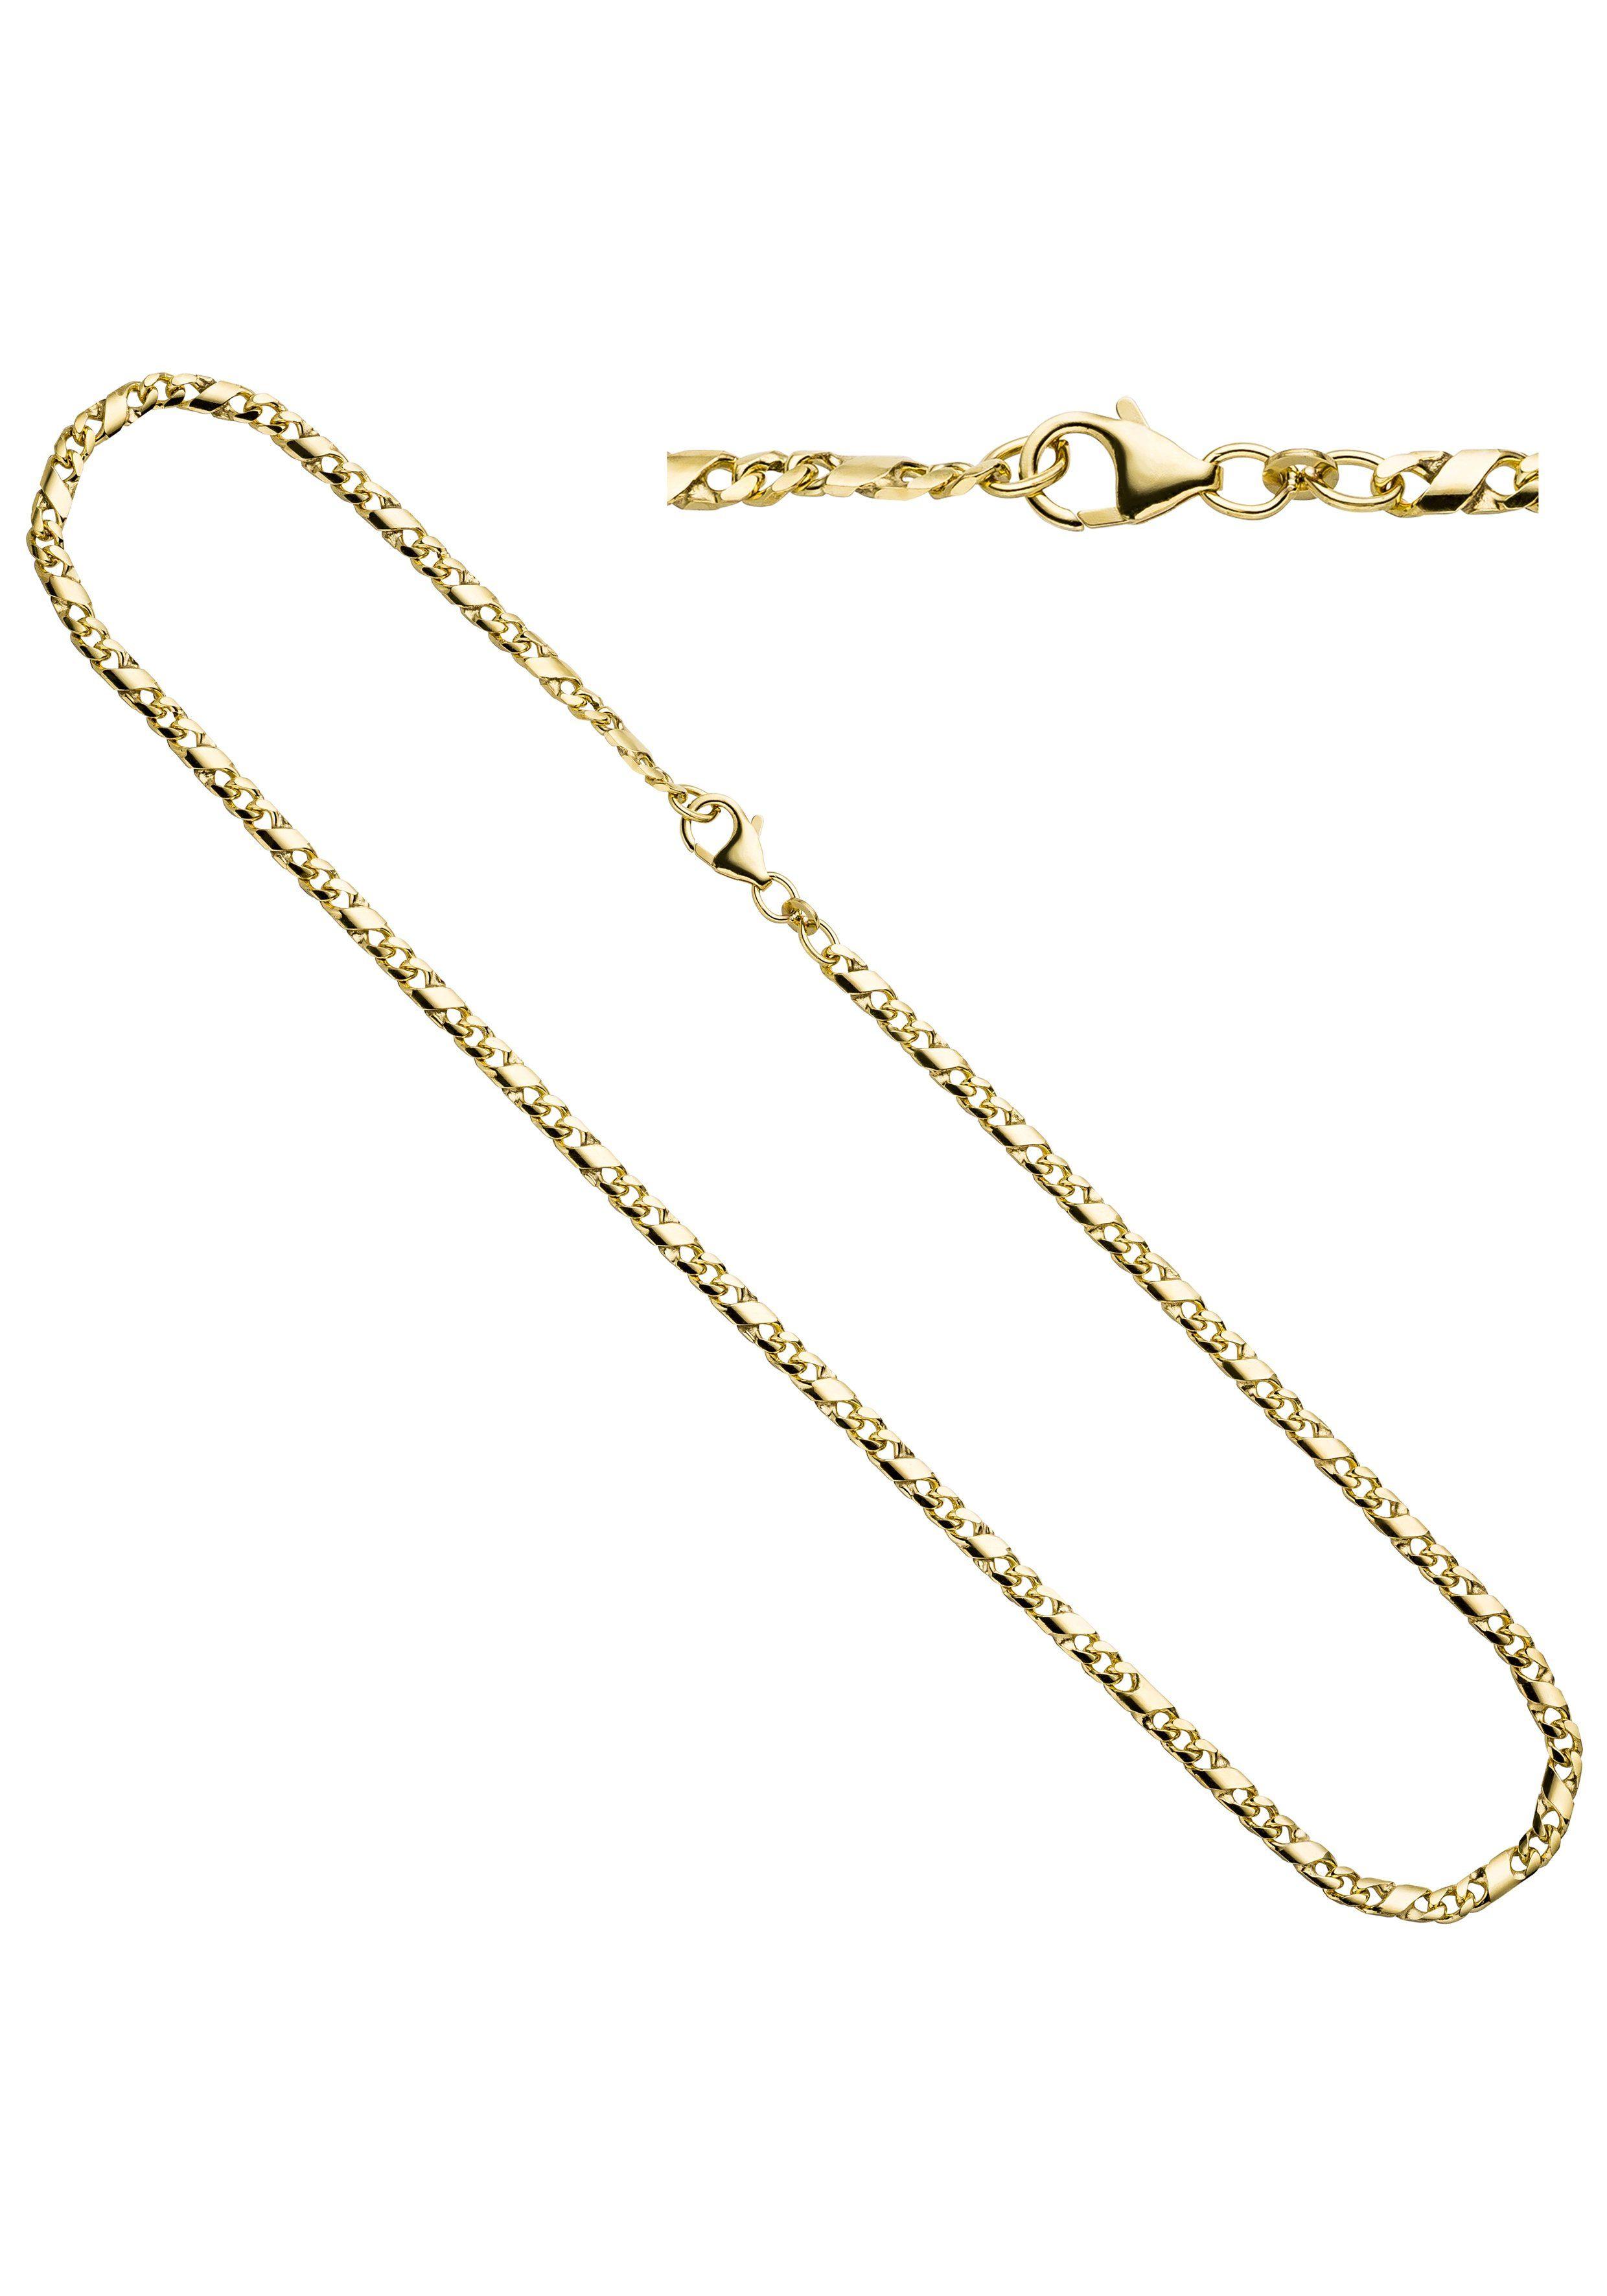 JOBO Goldkette 333 Gold massiv 45 cm